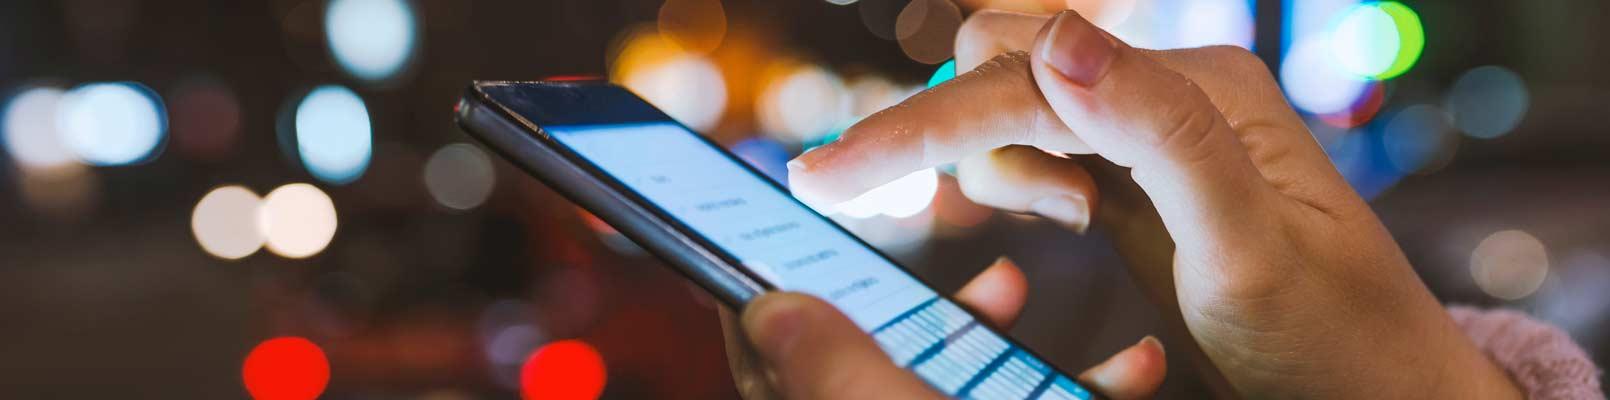 criterii selecție cazinouri mobil